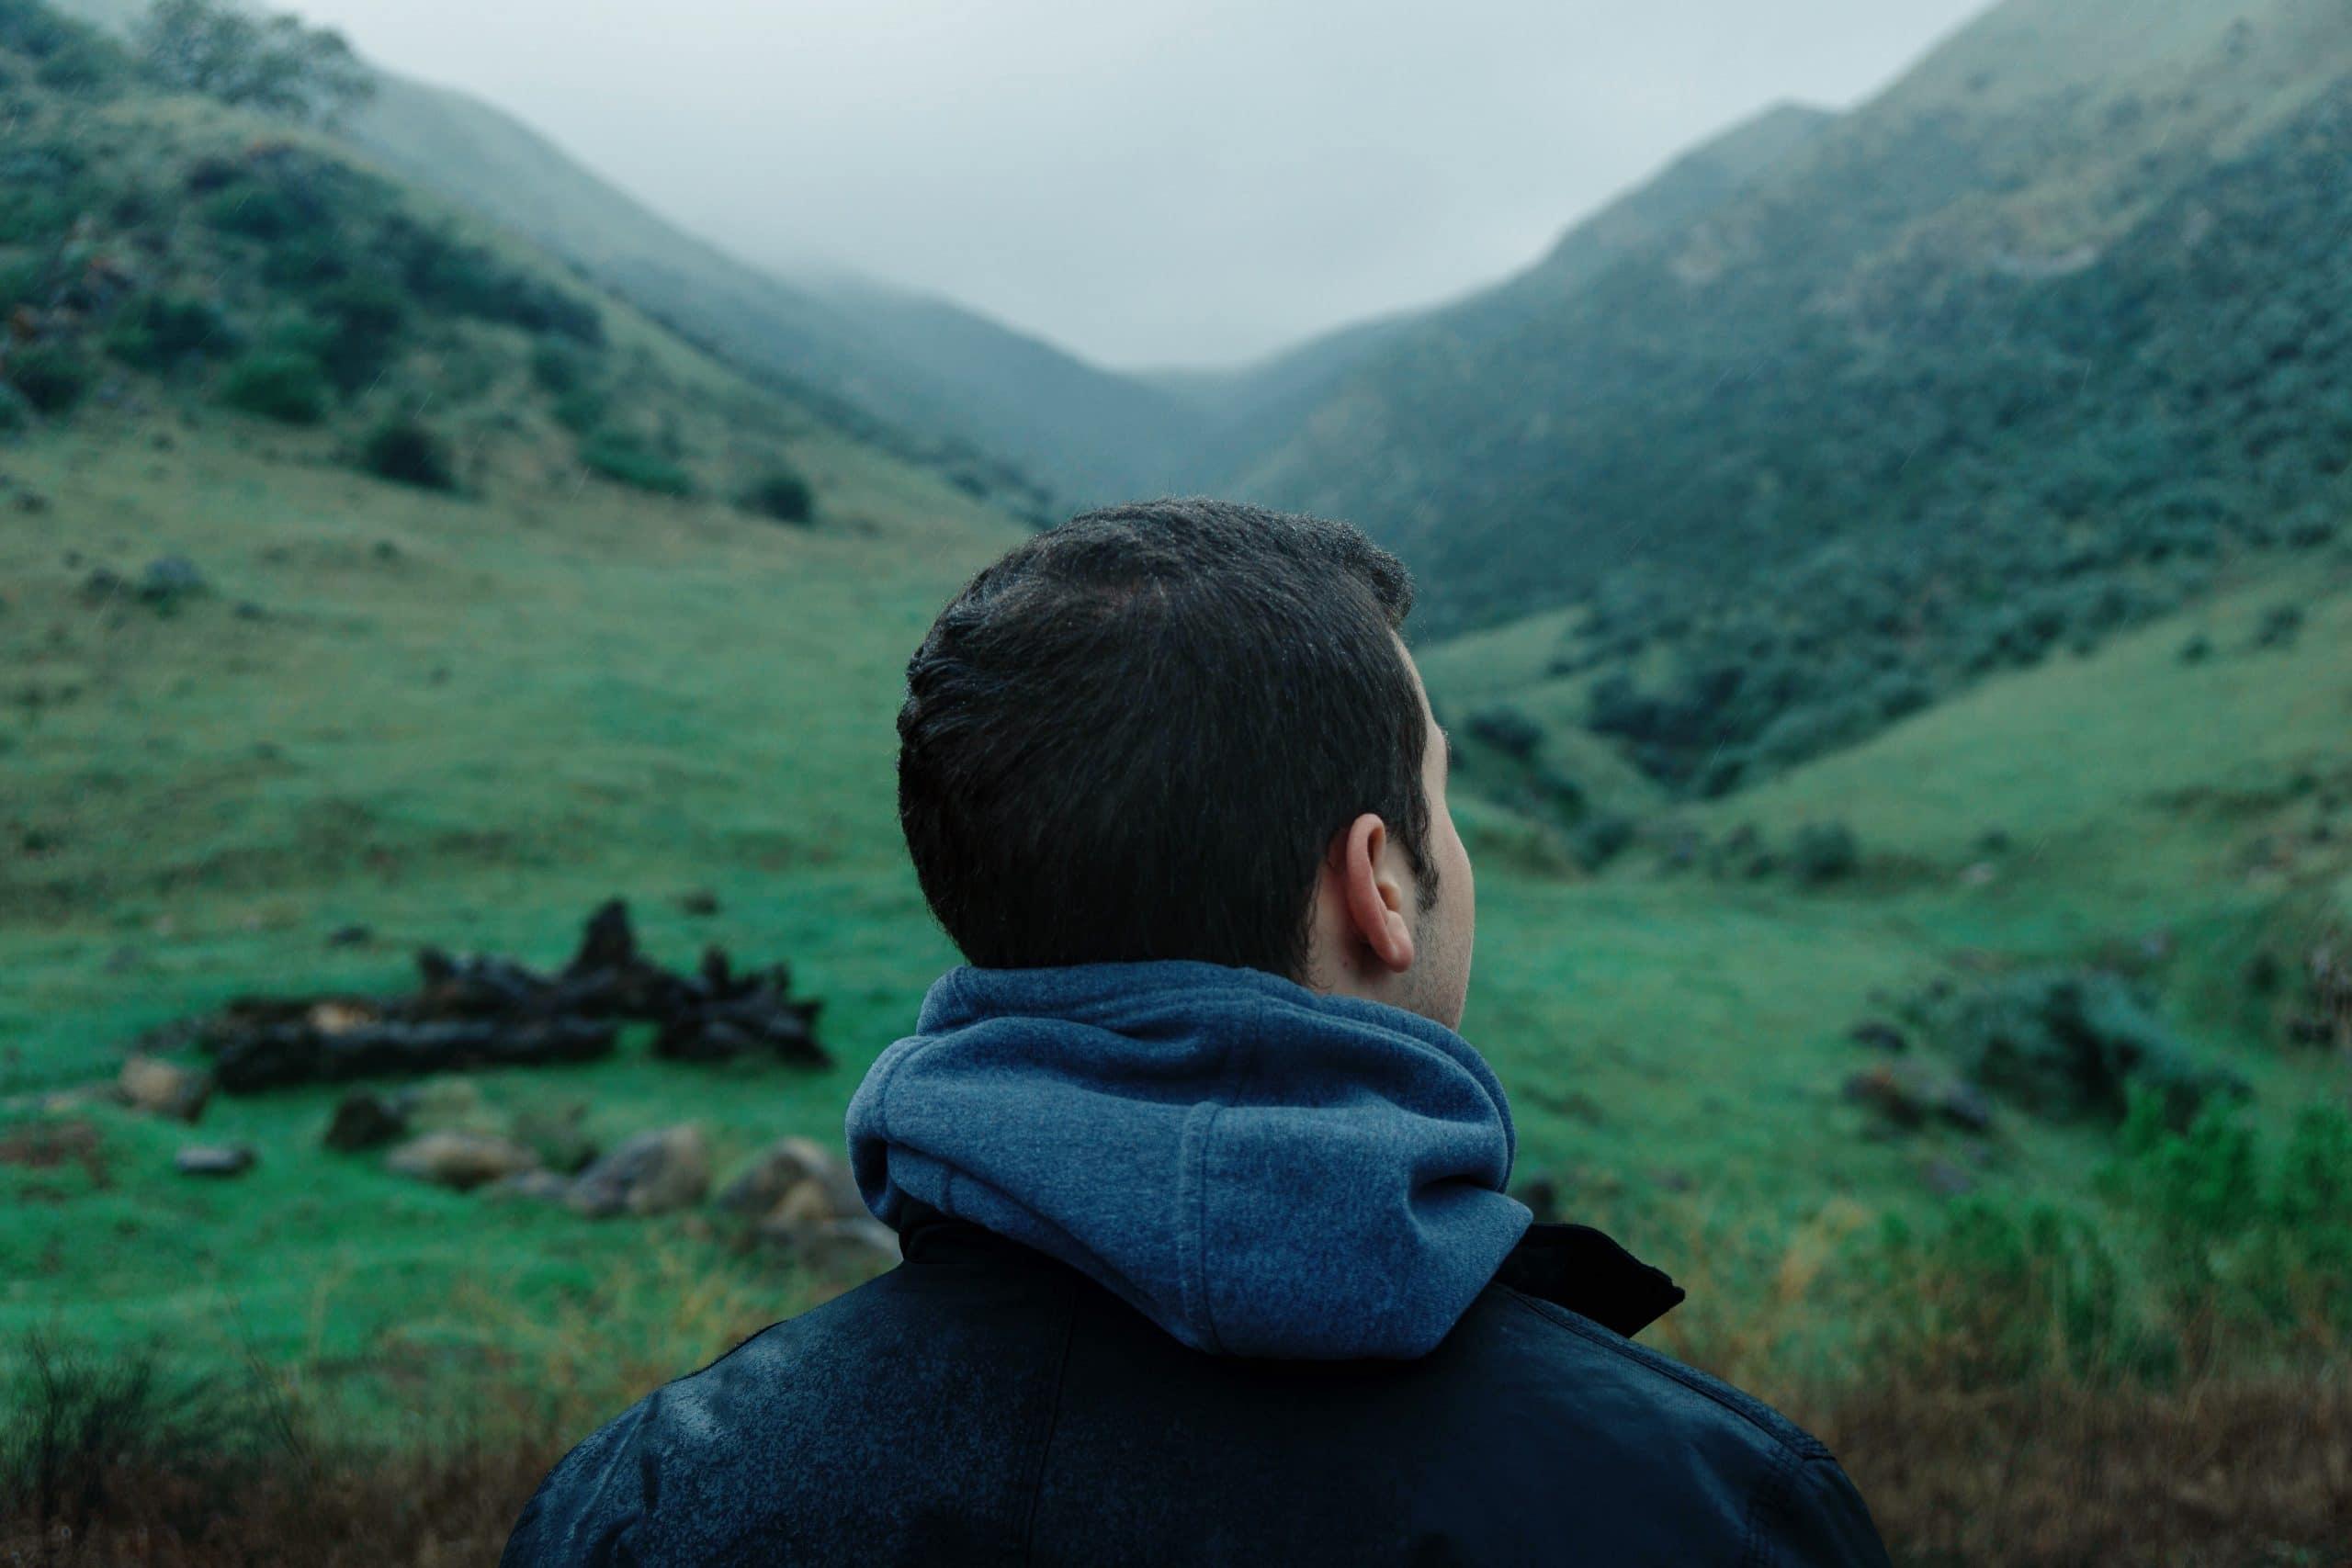 Homem olhando para o horizonte.